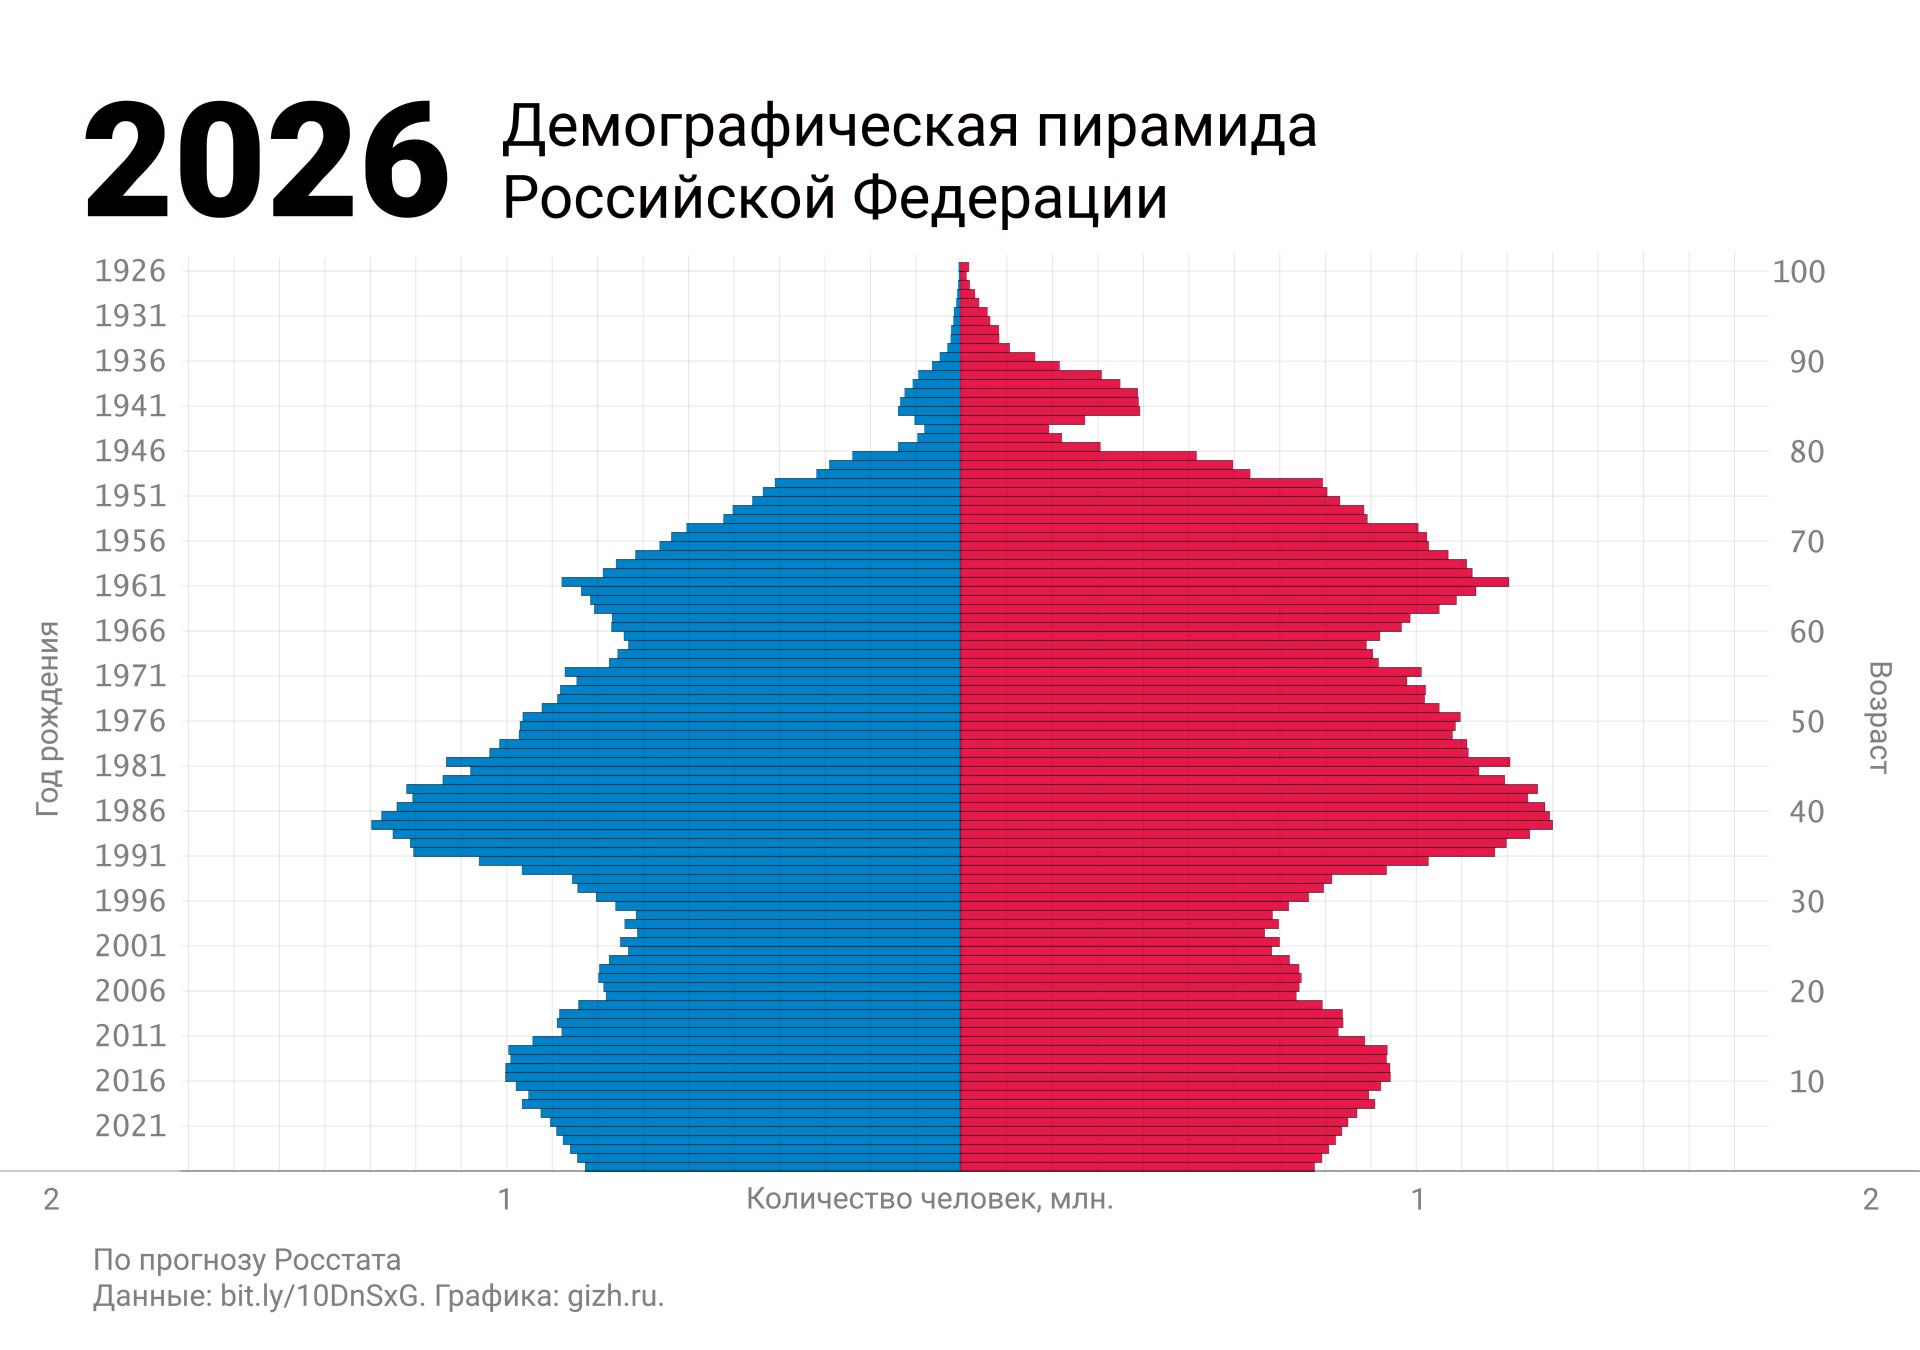 Демографическая (половозрастная) пирамида России 2026 (прогноз)